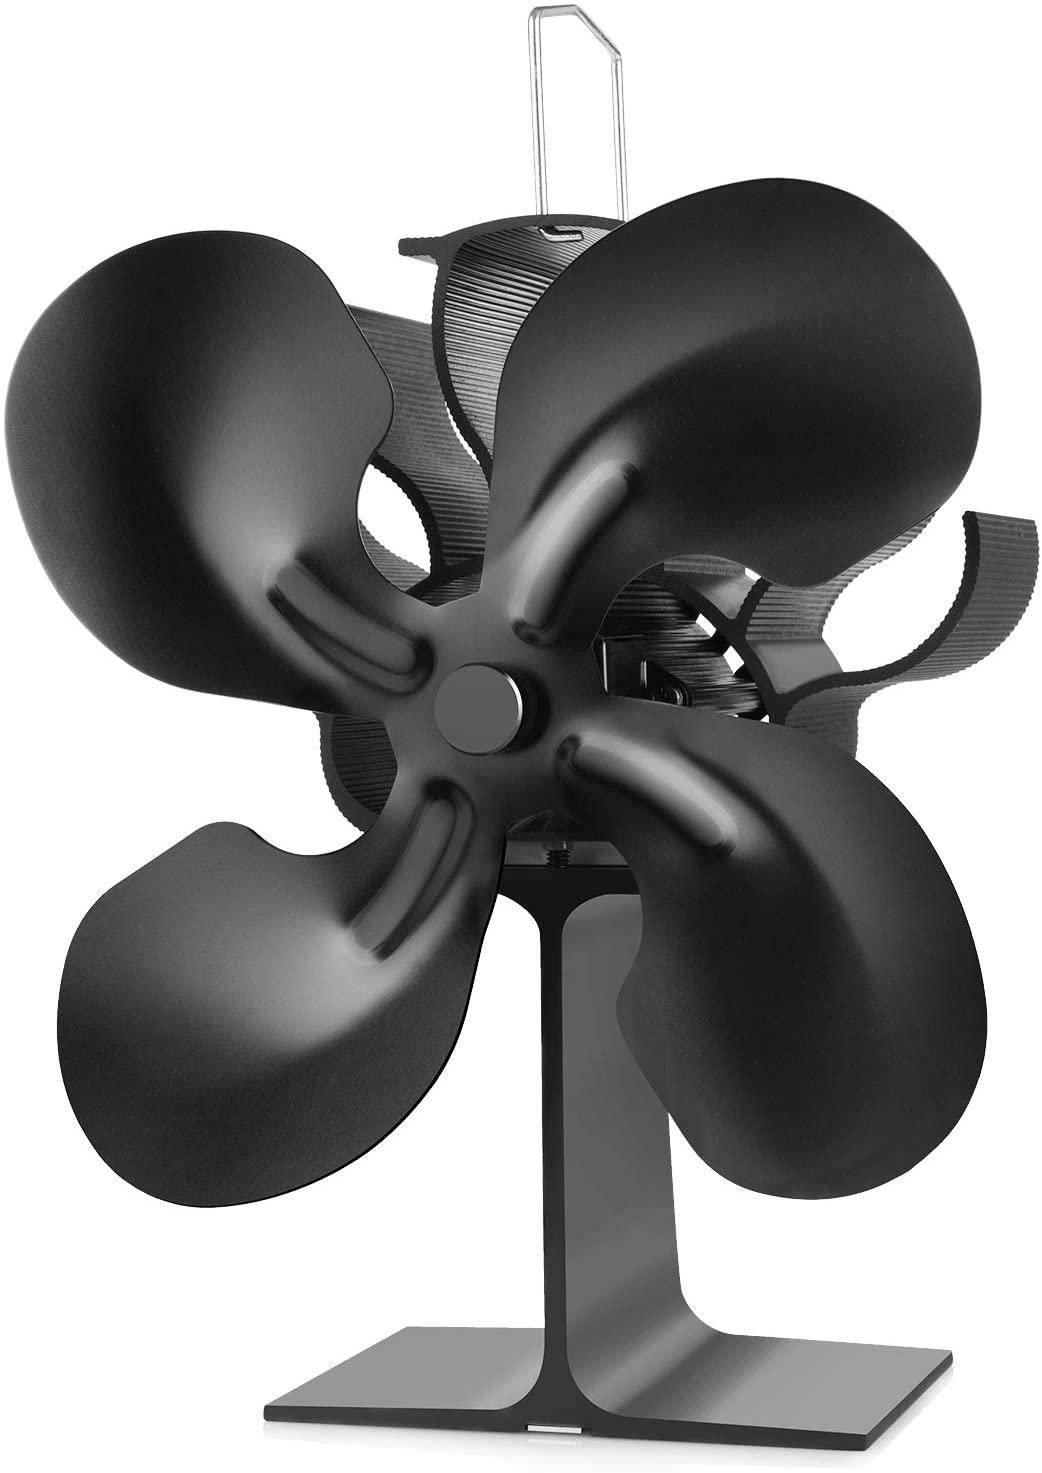 Ventilador de Estufa Leña Tubo, Ventilador para Estufa Leña Ecofan/Estufa/Leña/Ventilador de Chimenea Pared, 4 Aspas Ventilador estufa doble Distribución Eficiente del Calor(4-blade) (4-Blade)